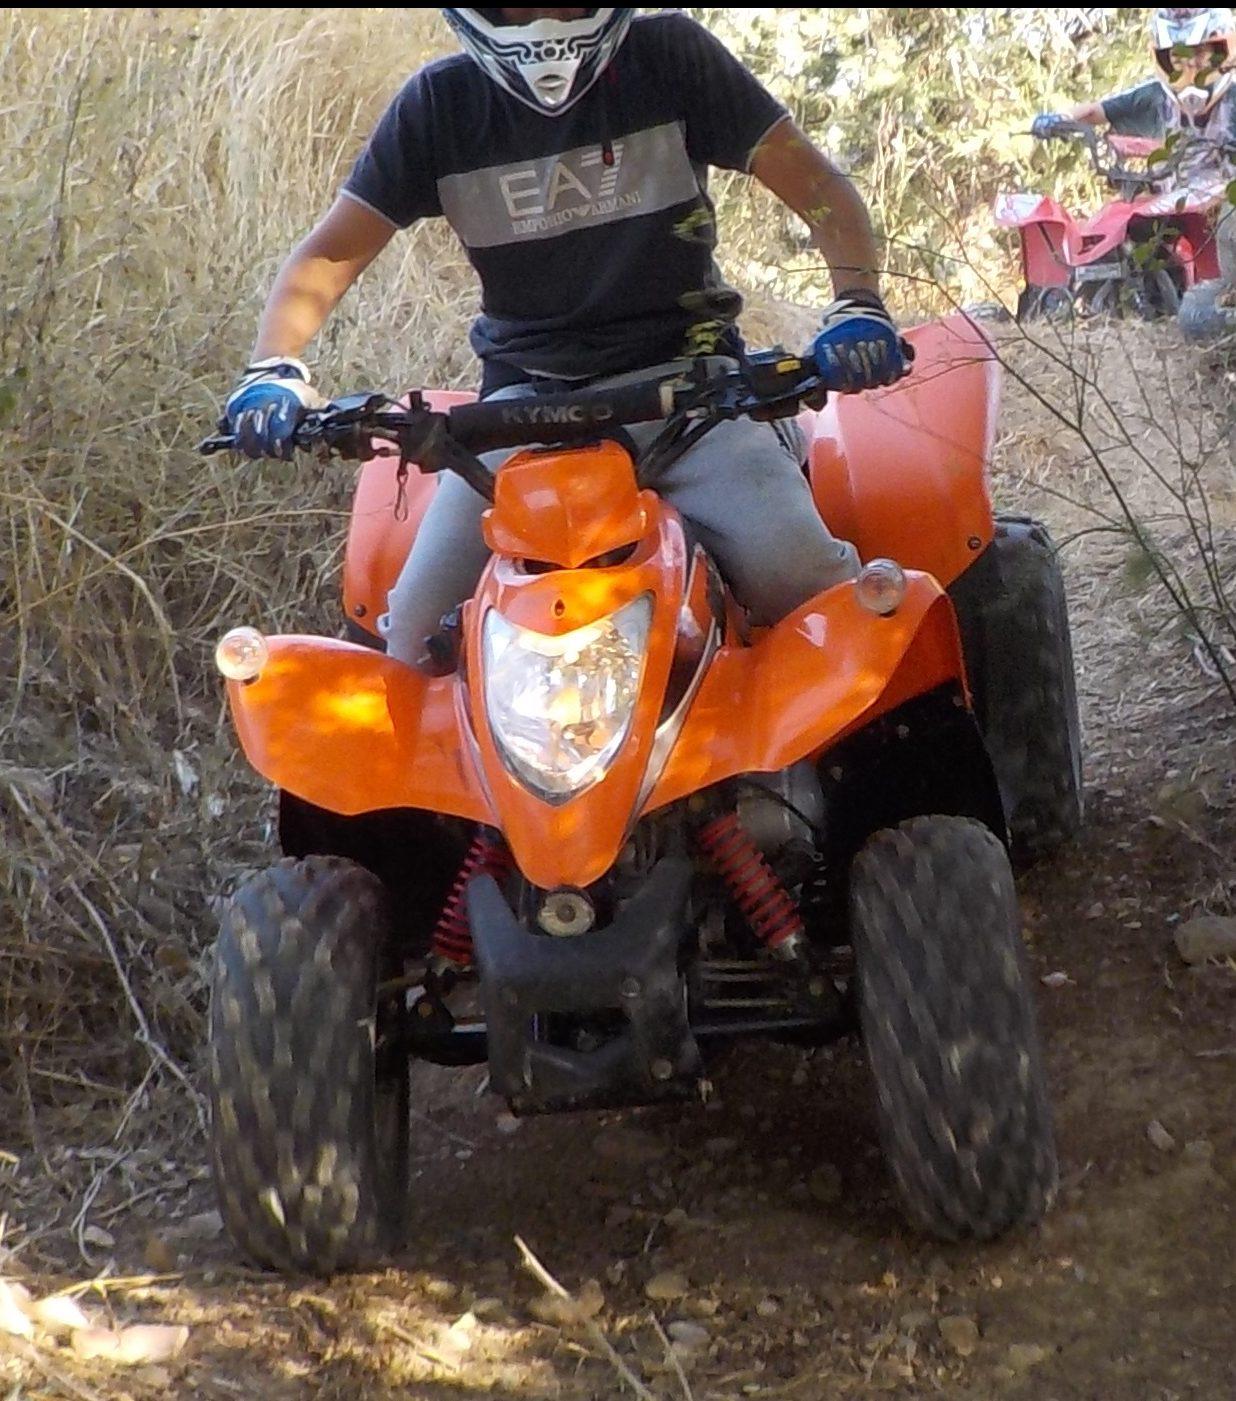 activité quad pour ados 13 ans Hérault